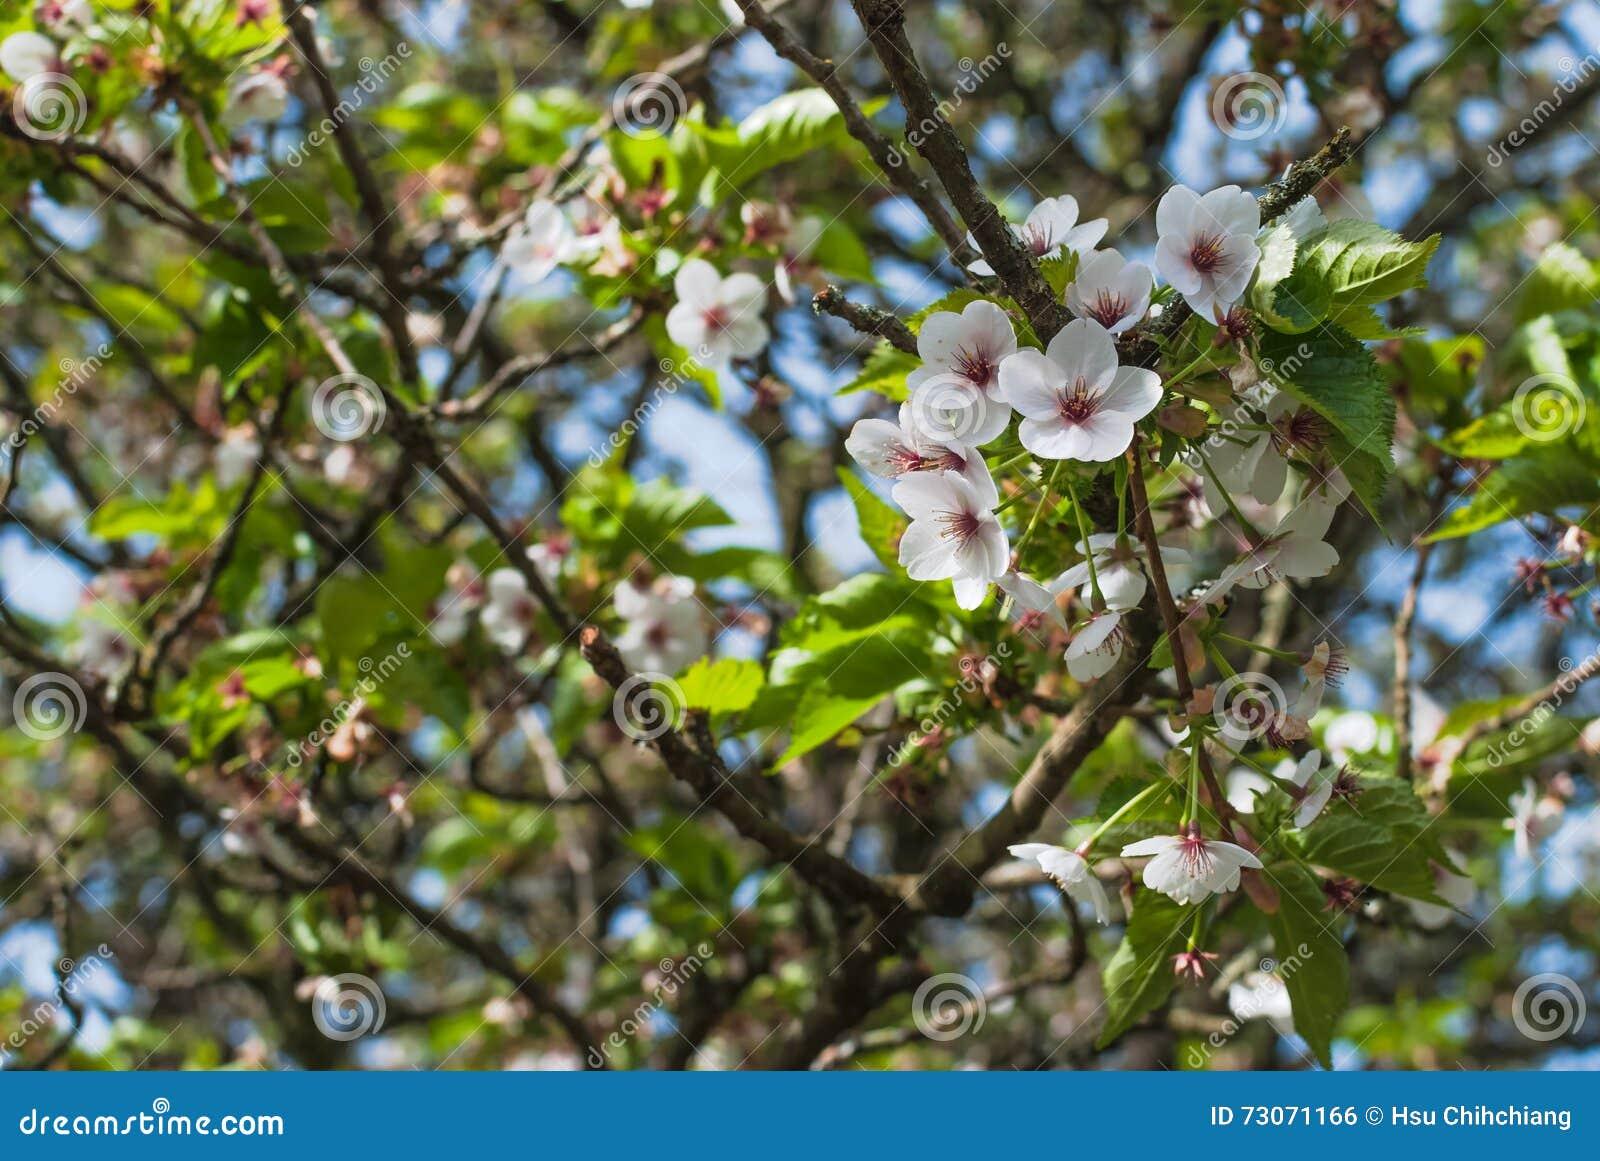 Flor de cereza blanco